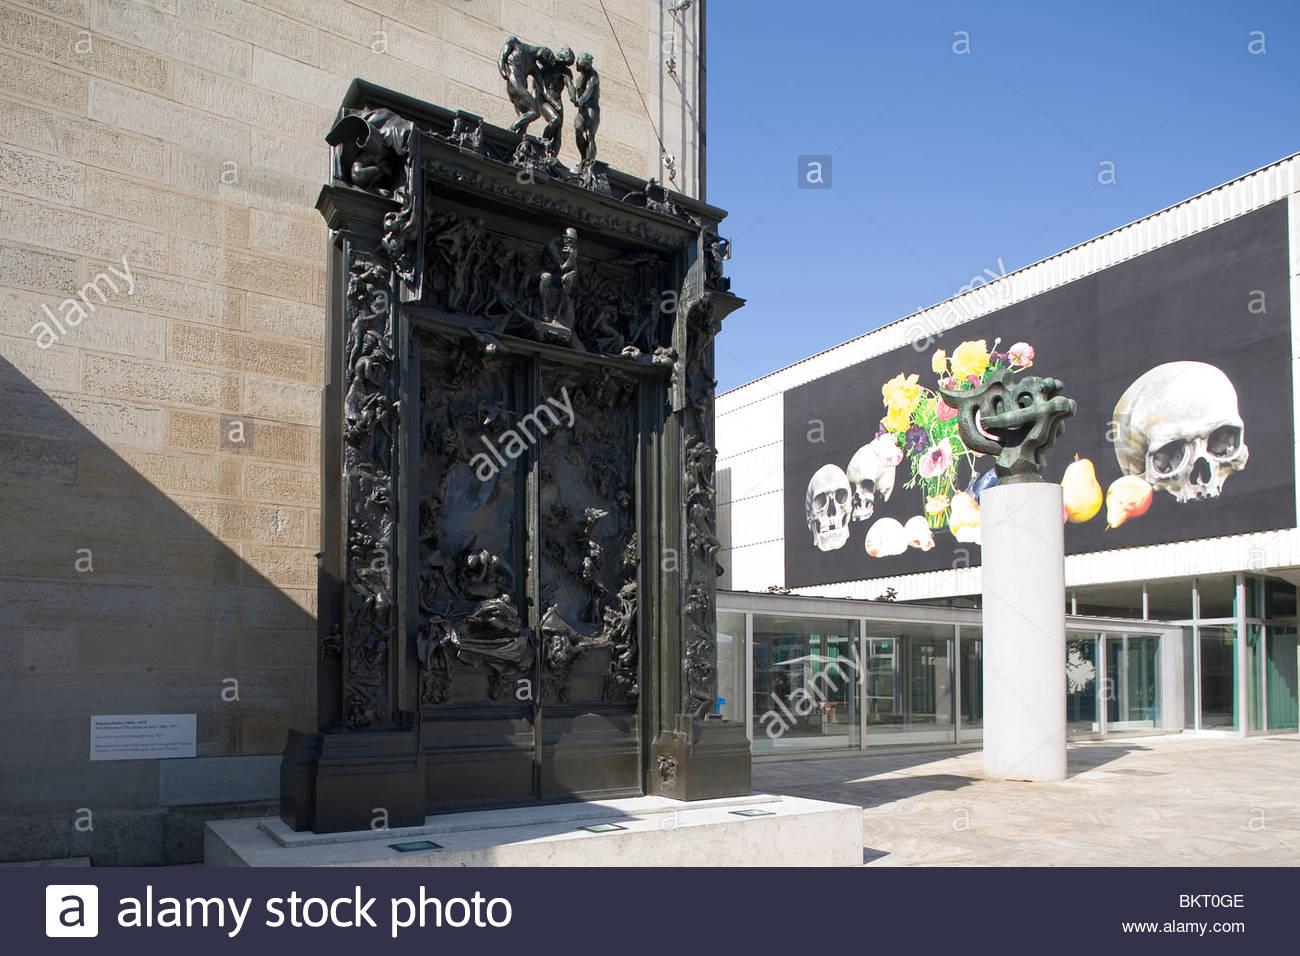 Le porte dell'inferno,scultura di Auguste Rodin,1880-1917,museo d'arte,,Kunsthaus di Zurigo, Svizzera Immagini Stock